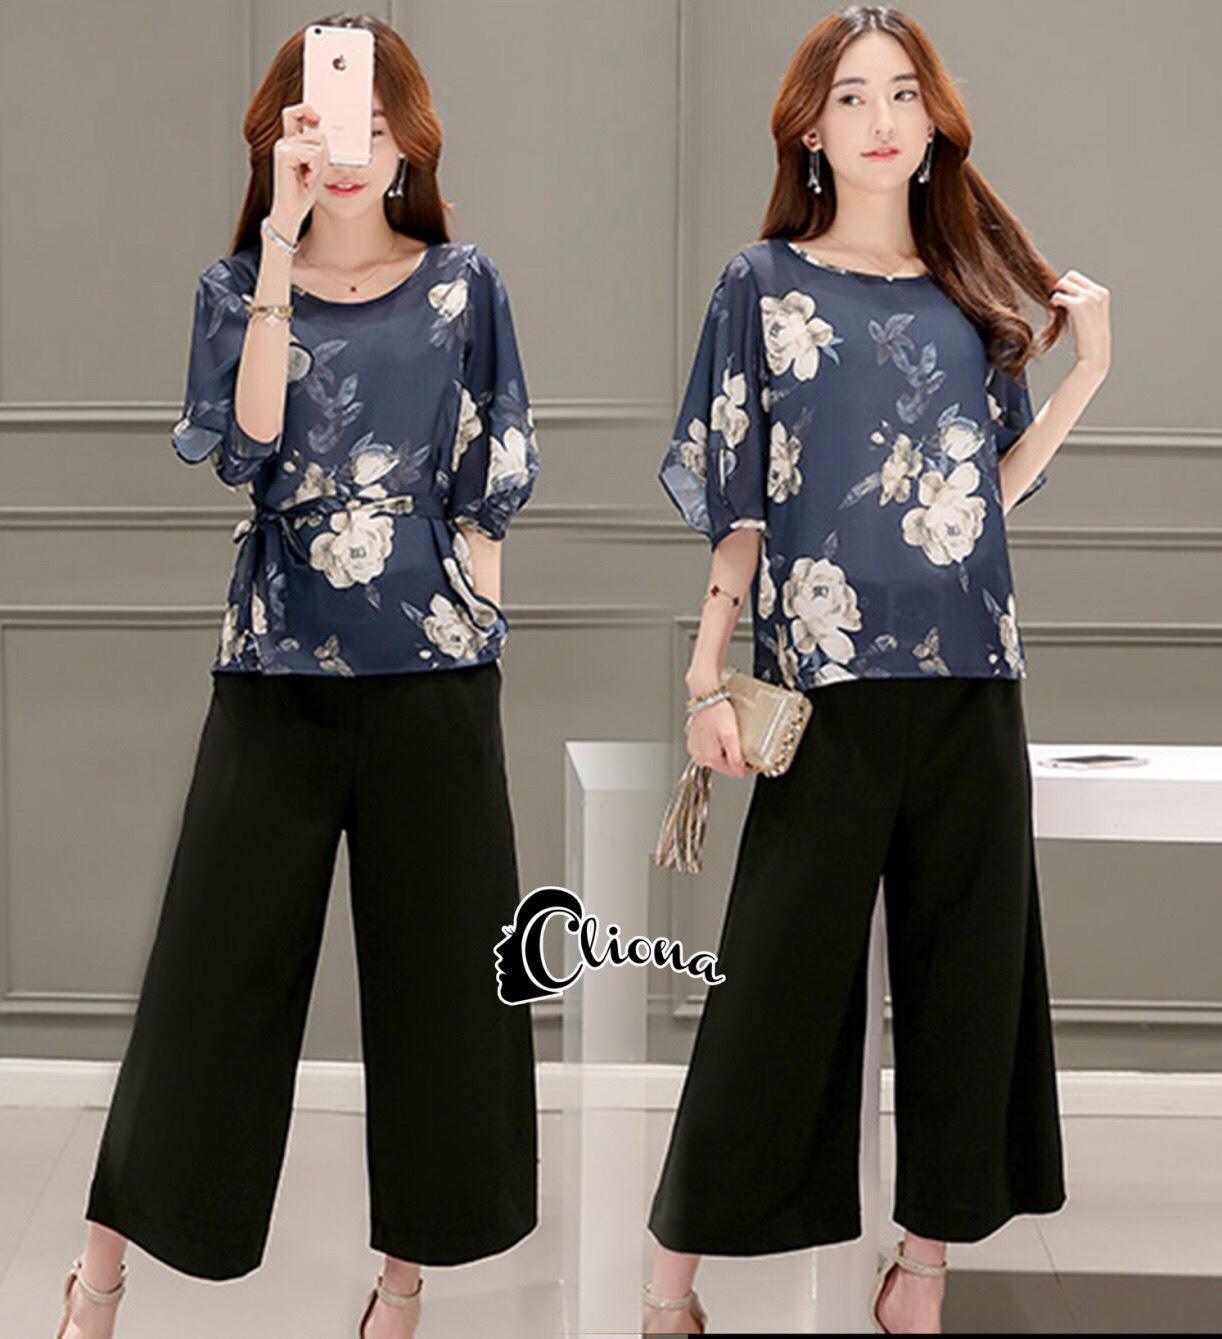 เสื้อผ้าเกาหลี พร้อมส่งGrace Floral Top + Pant Set